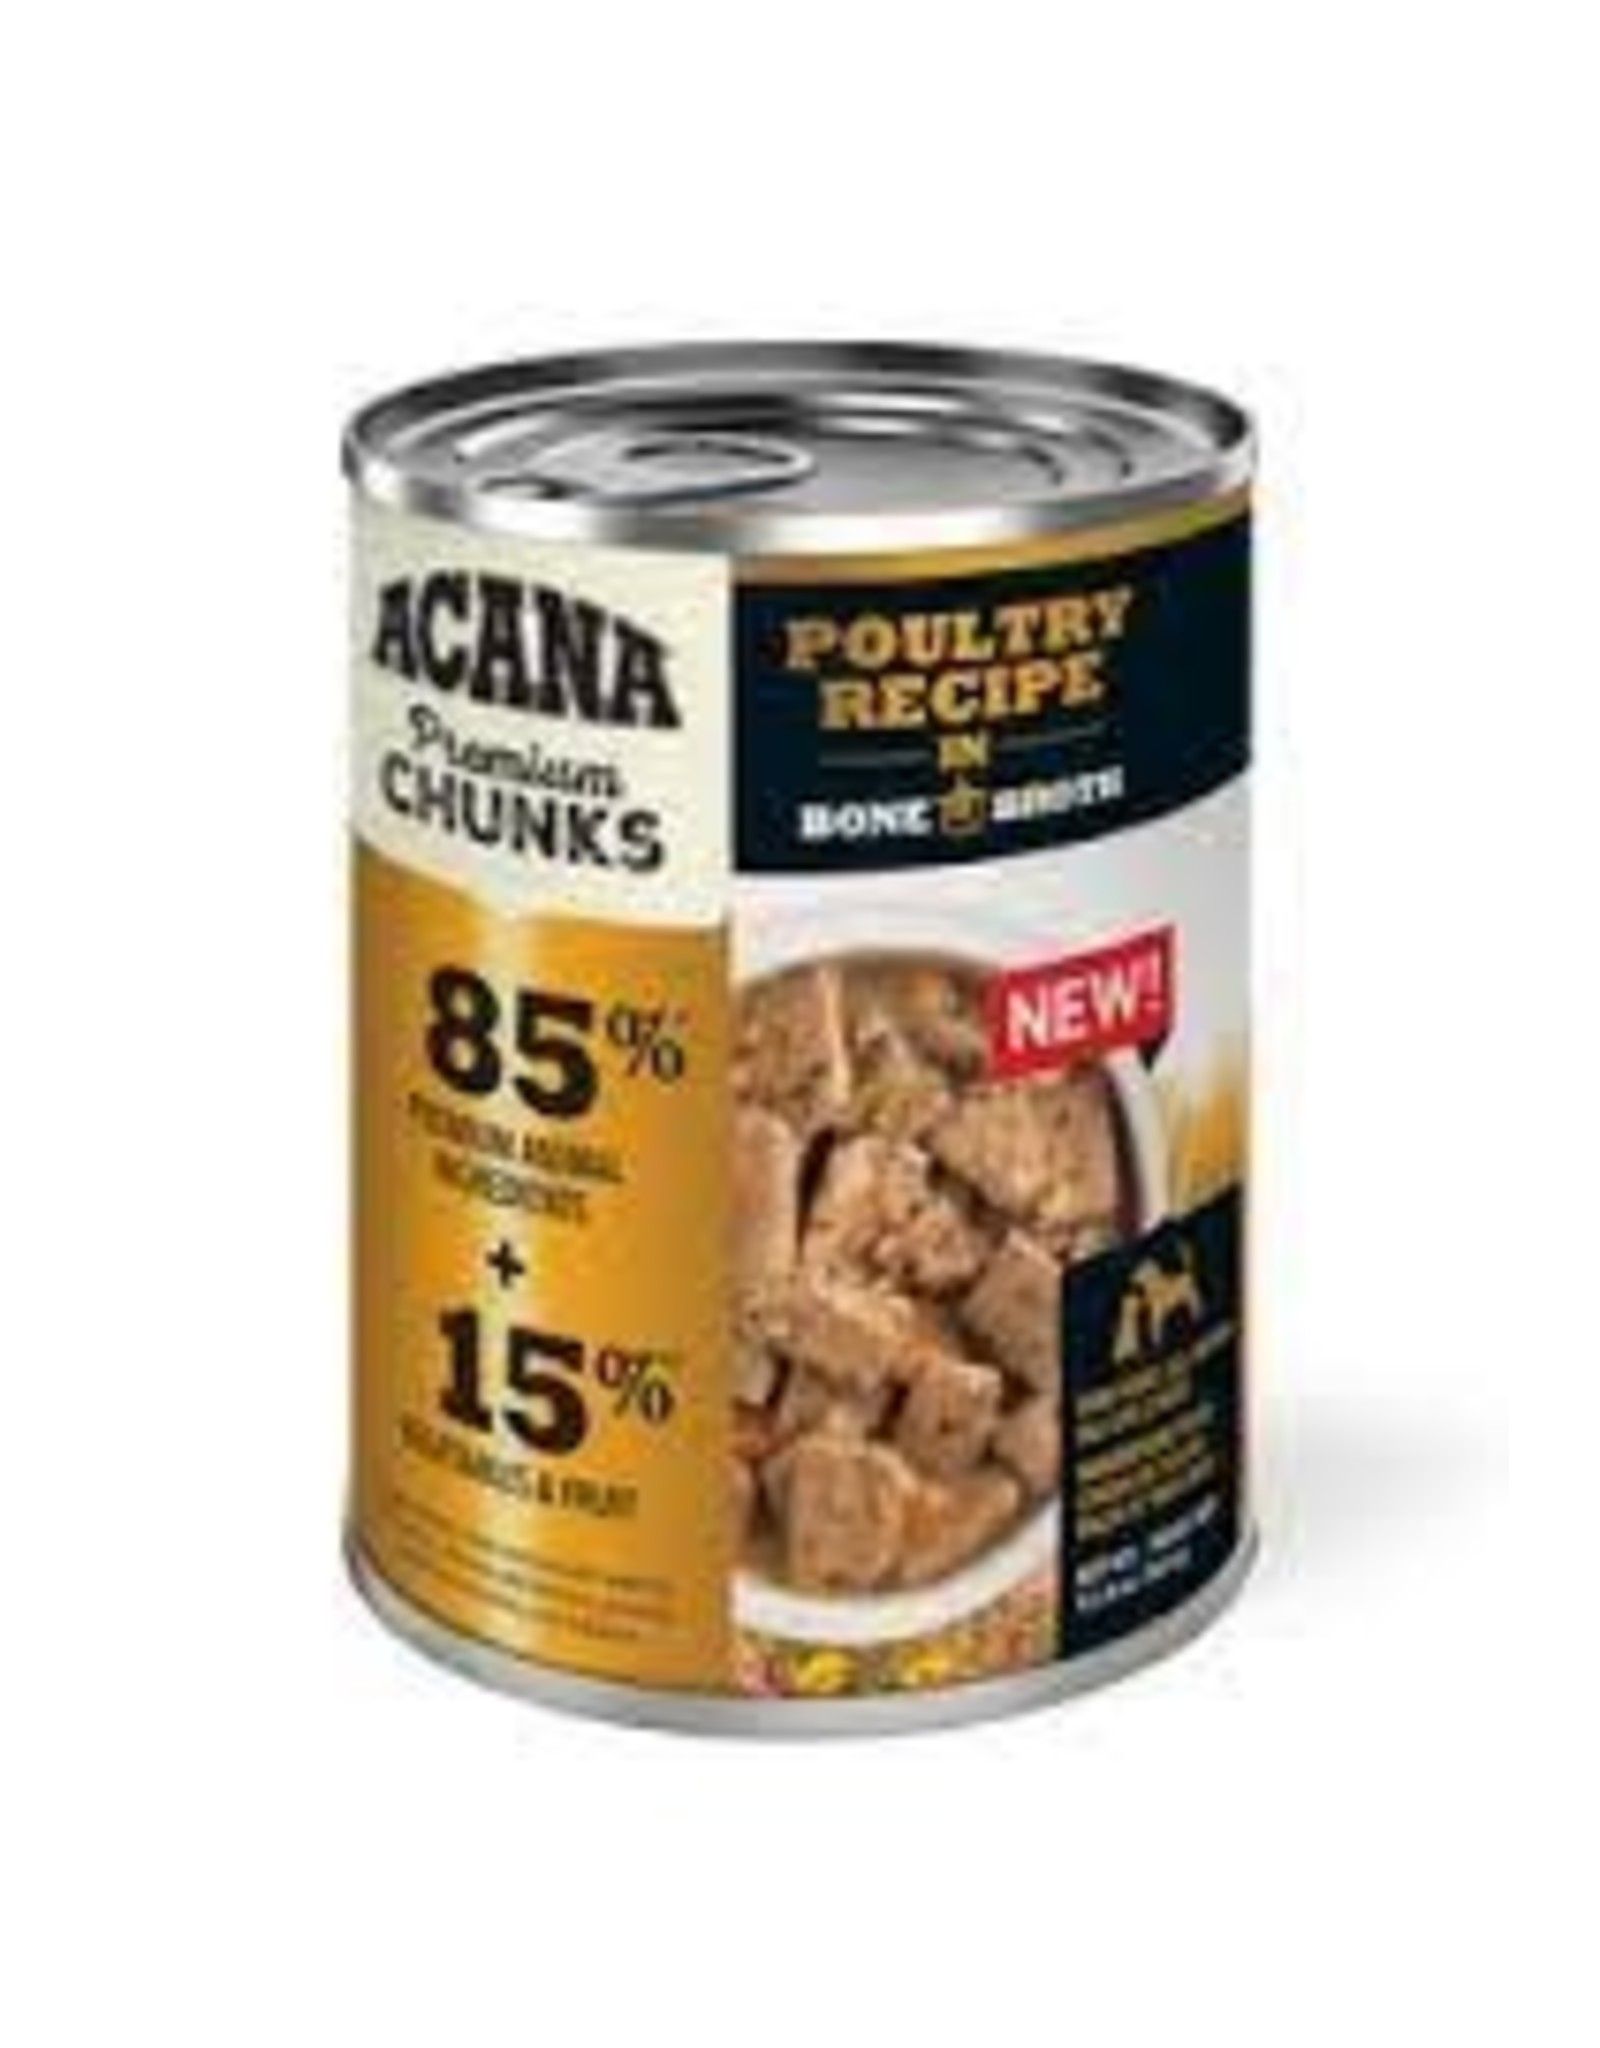 Acana Poultry Recipe in Bone Broth, 12.8oz